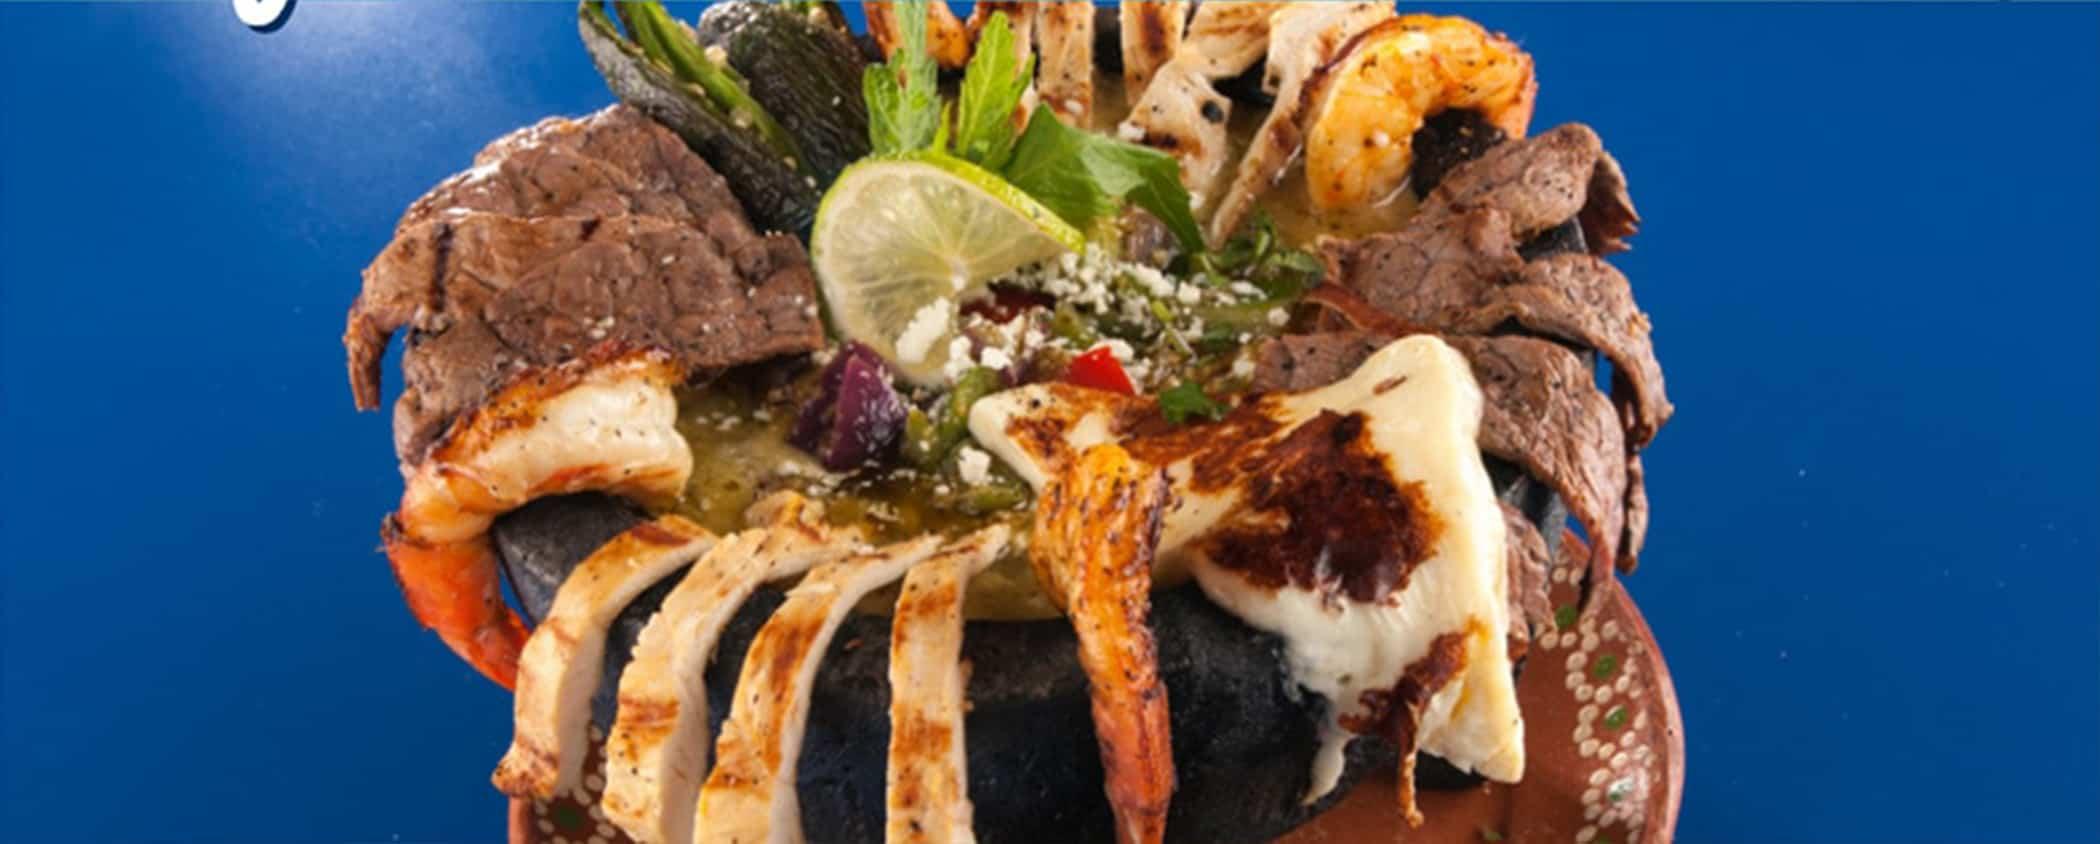 Vida Mariscos Chef's Specialties